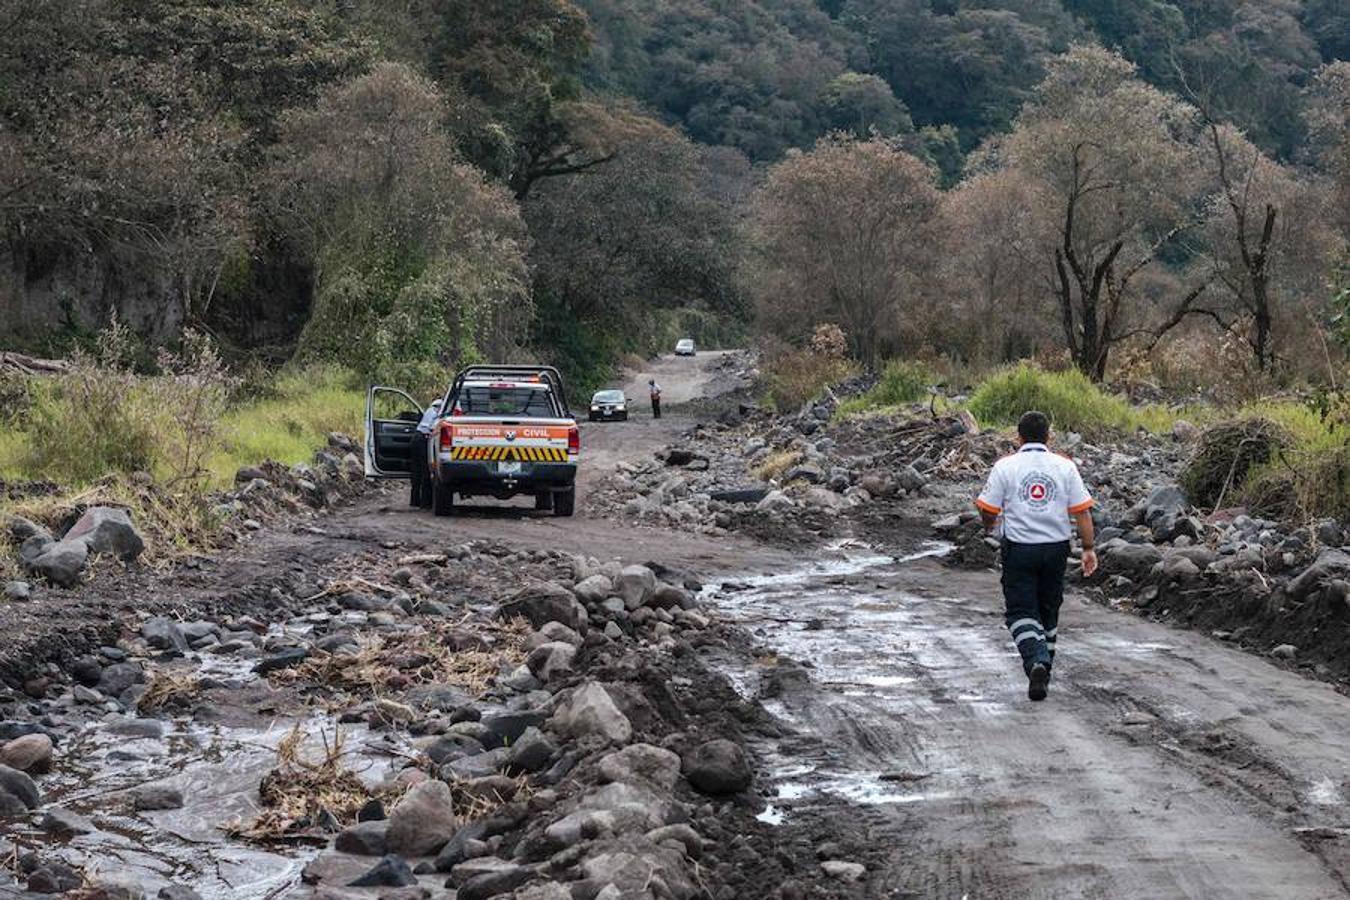 La zona boscosa aledaña al volcán de Colima, ubicado en el oeste de México, que incrementó su actividad, por lo que las autoridades del estado de Colima informan que las comunidades de La Yerbabuena y La Becerrera continuarán evacuadas